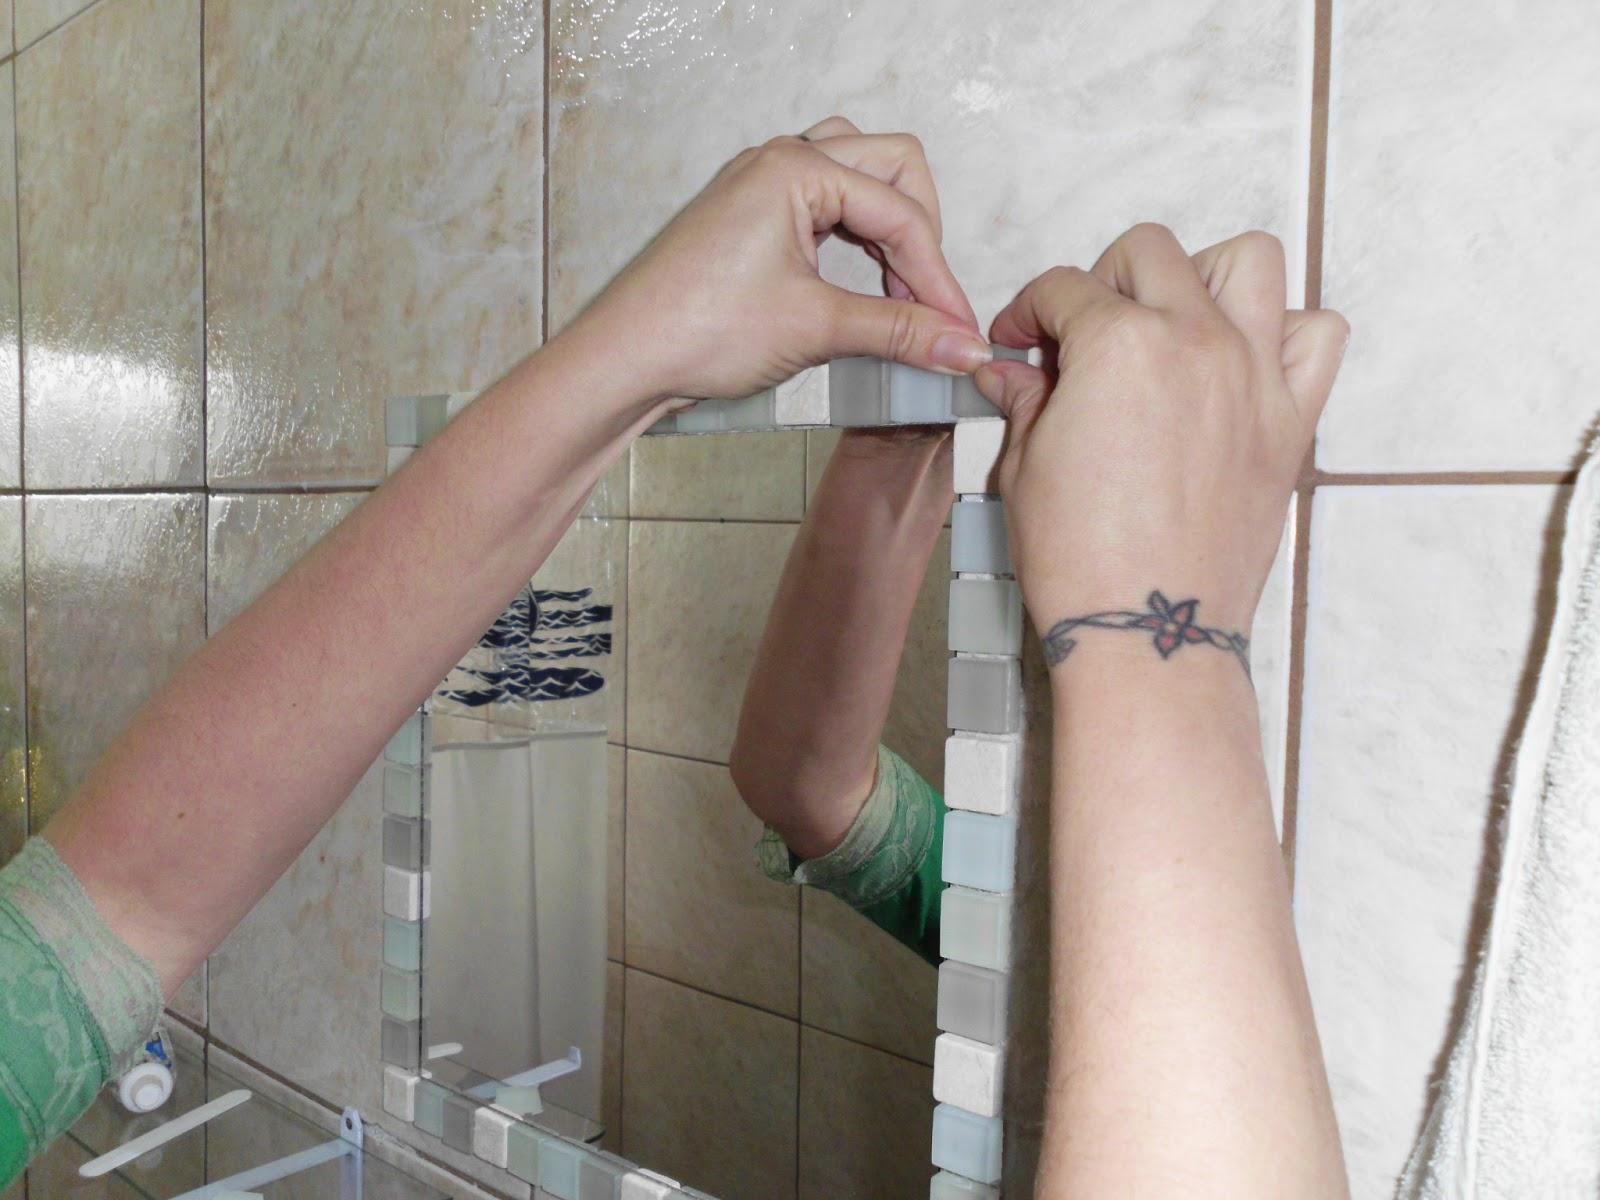 Artes e Badulaques: Moldura Espelho com pastilhas #457863 1600x1200 Banheiro Com Pastilha Espelho